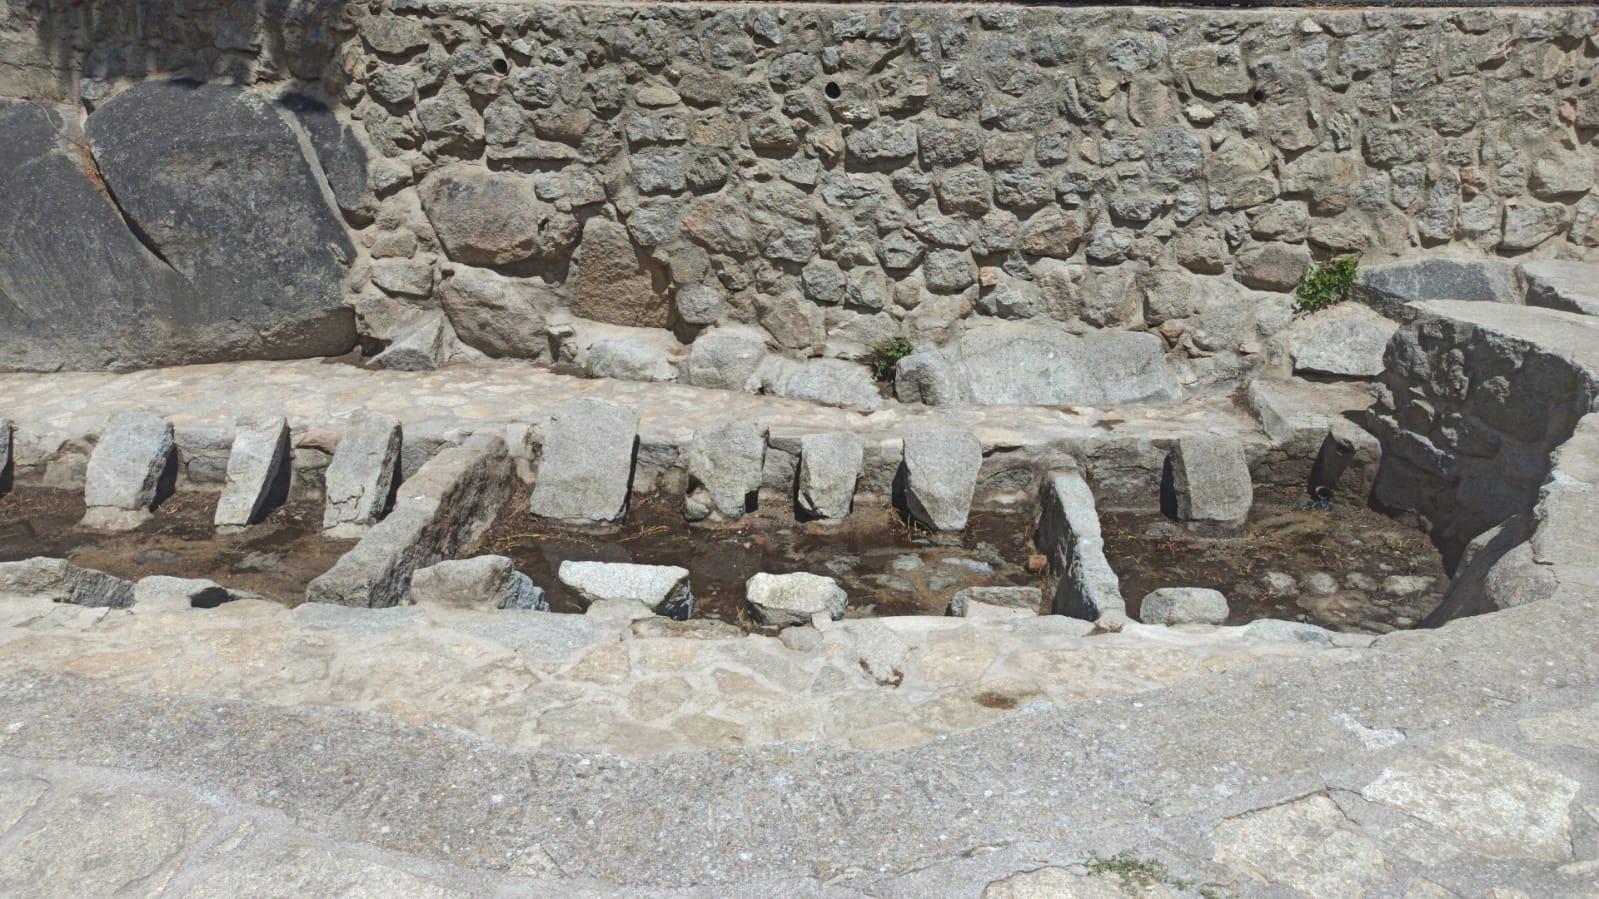 La Tenería, otro histórico elemento recuperado gracias a los trabajos impulsados por la Concejalía de Medio Ambiente y Limpieza para invitar a redescubrir el patrimonio local  en un Valdemorillo más confortable para todos